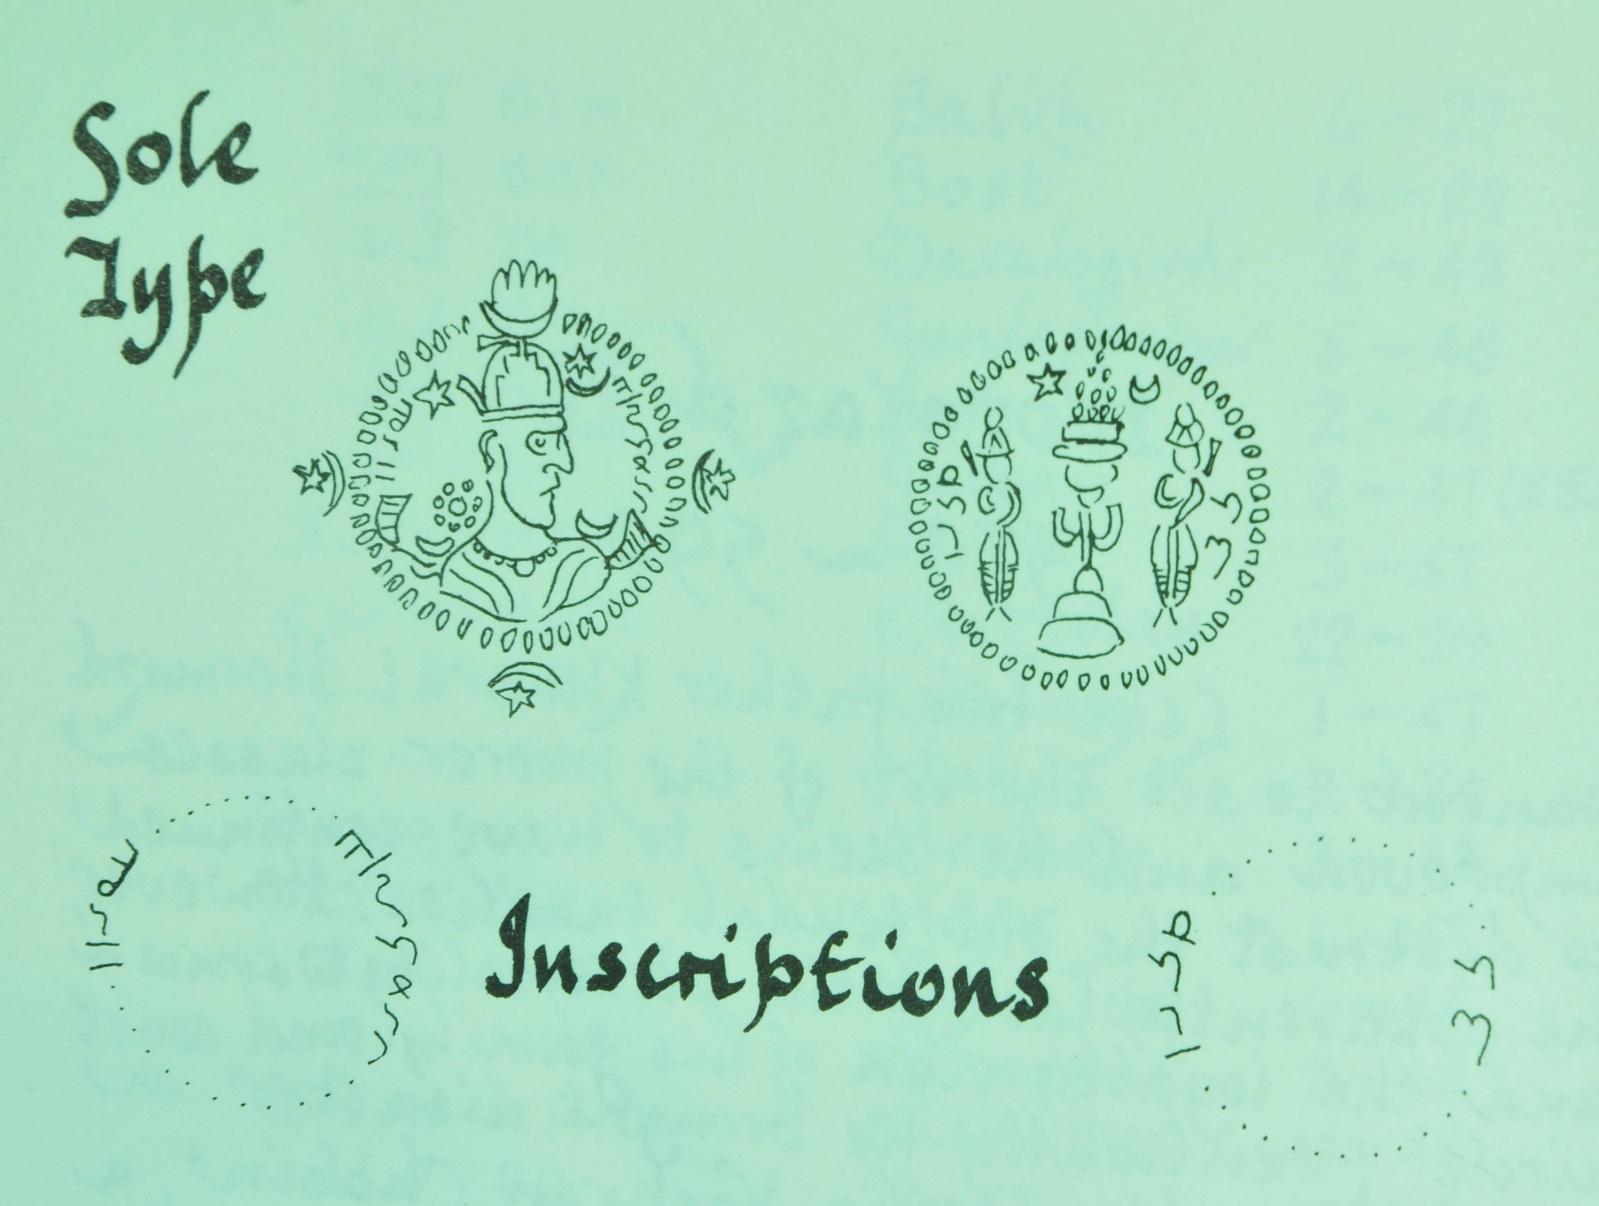 Diferencias entre monedas sasanidas - Página 2 2iw90eq